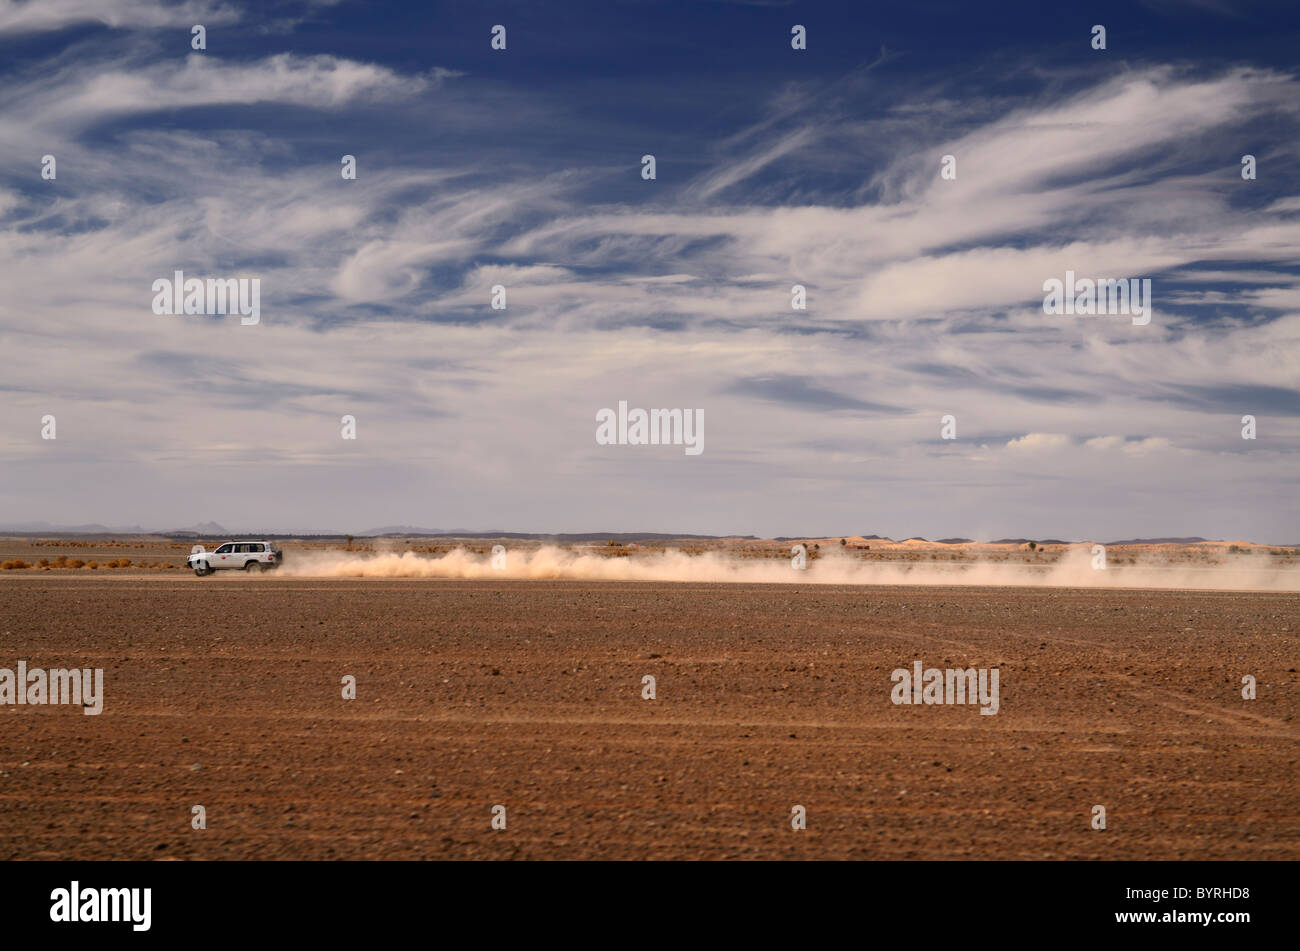 Lange staub Trail 4x4 off road Auto beschleunigt von erfoud zum Erg Chebbi wüste Marokko Nordafrika Stockbild